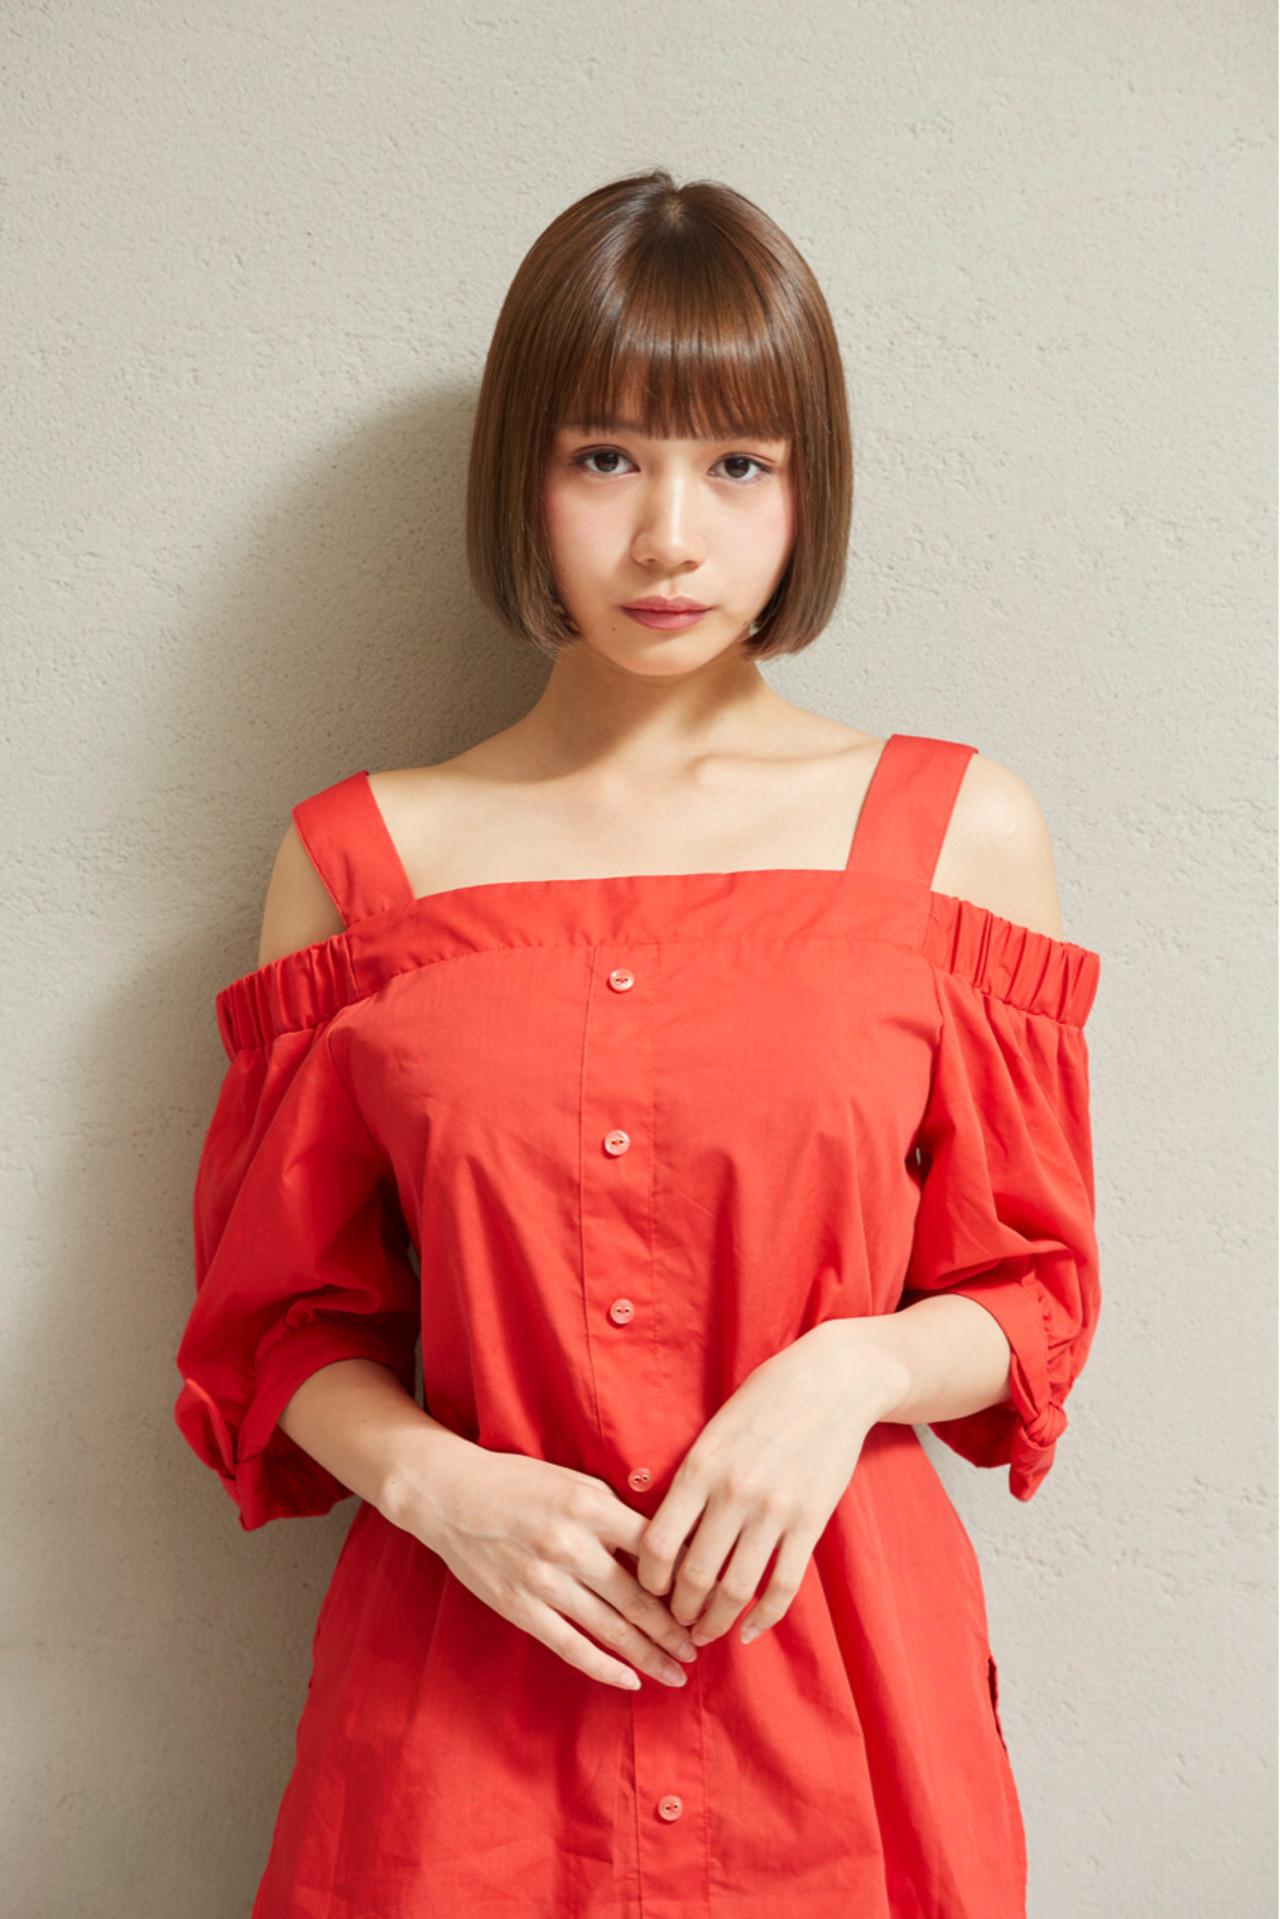 ワンレングスボブの芸能人といえば誰? koki | Michio Nozawa hair salon ginza/Noz銀座店